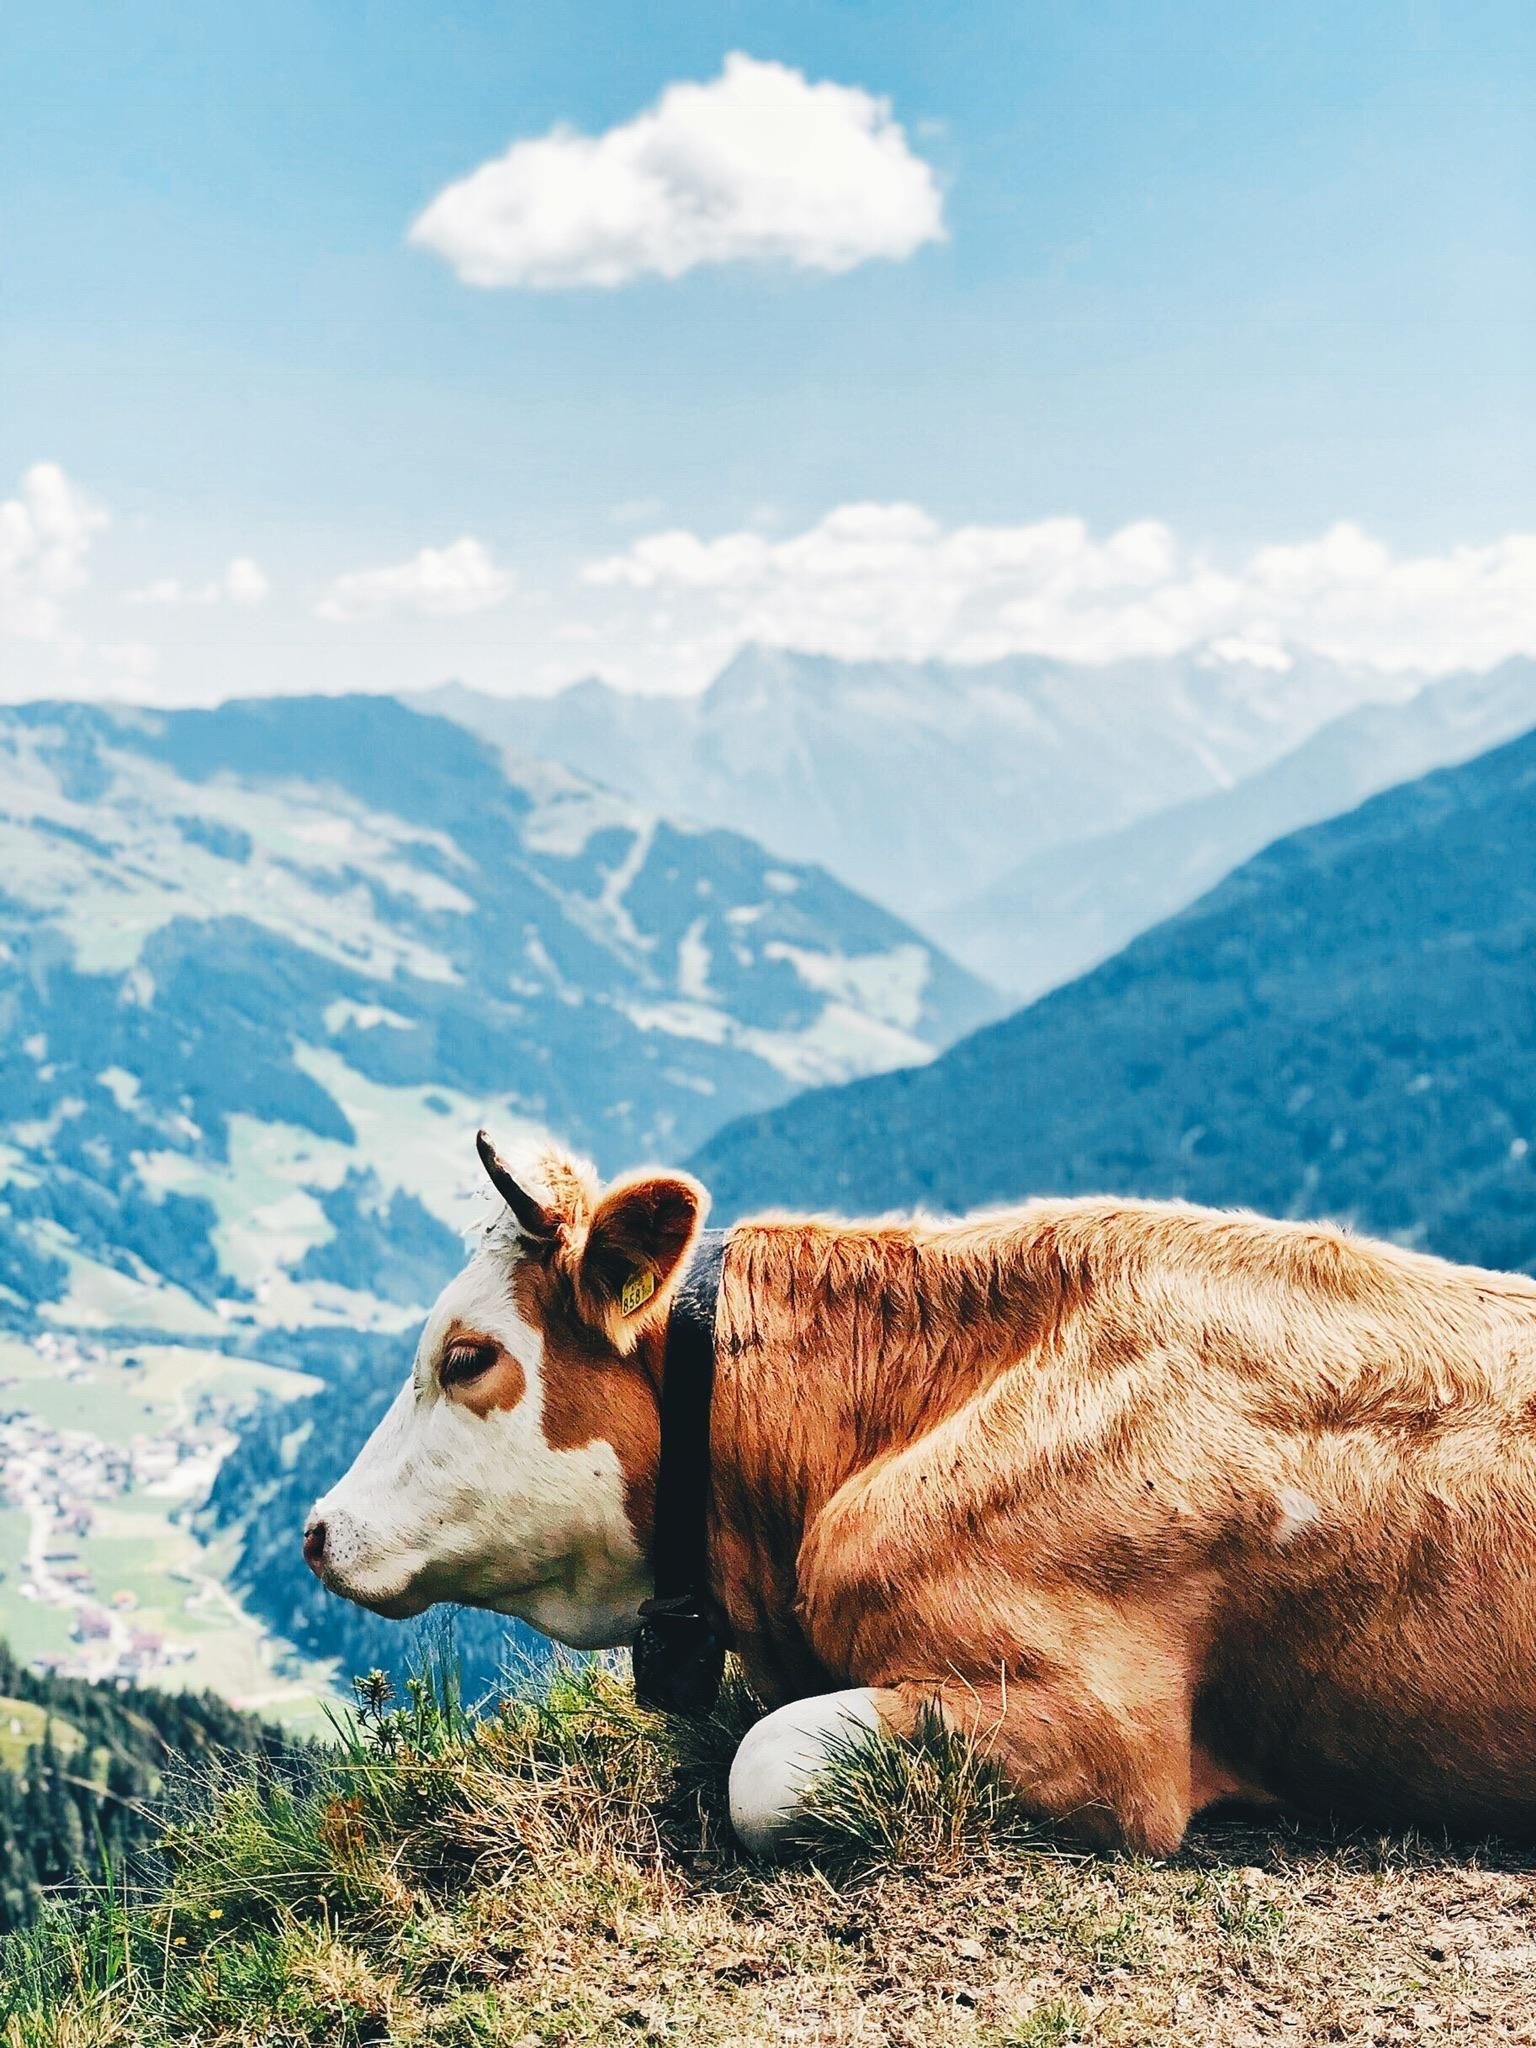 Austrian Alps (Zillertal) [1827 x 2436] [OC] Music